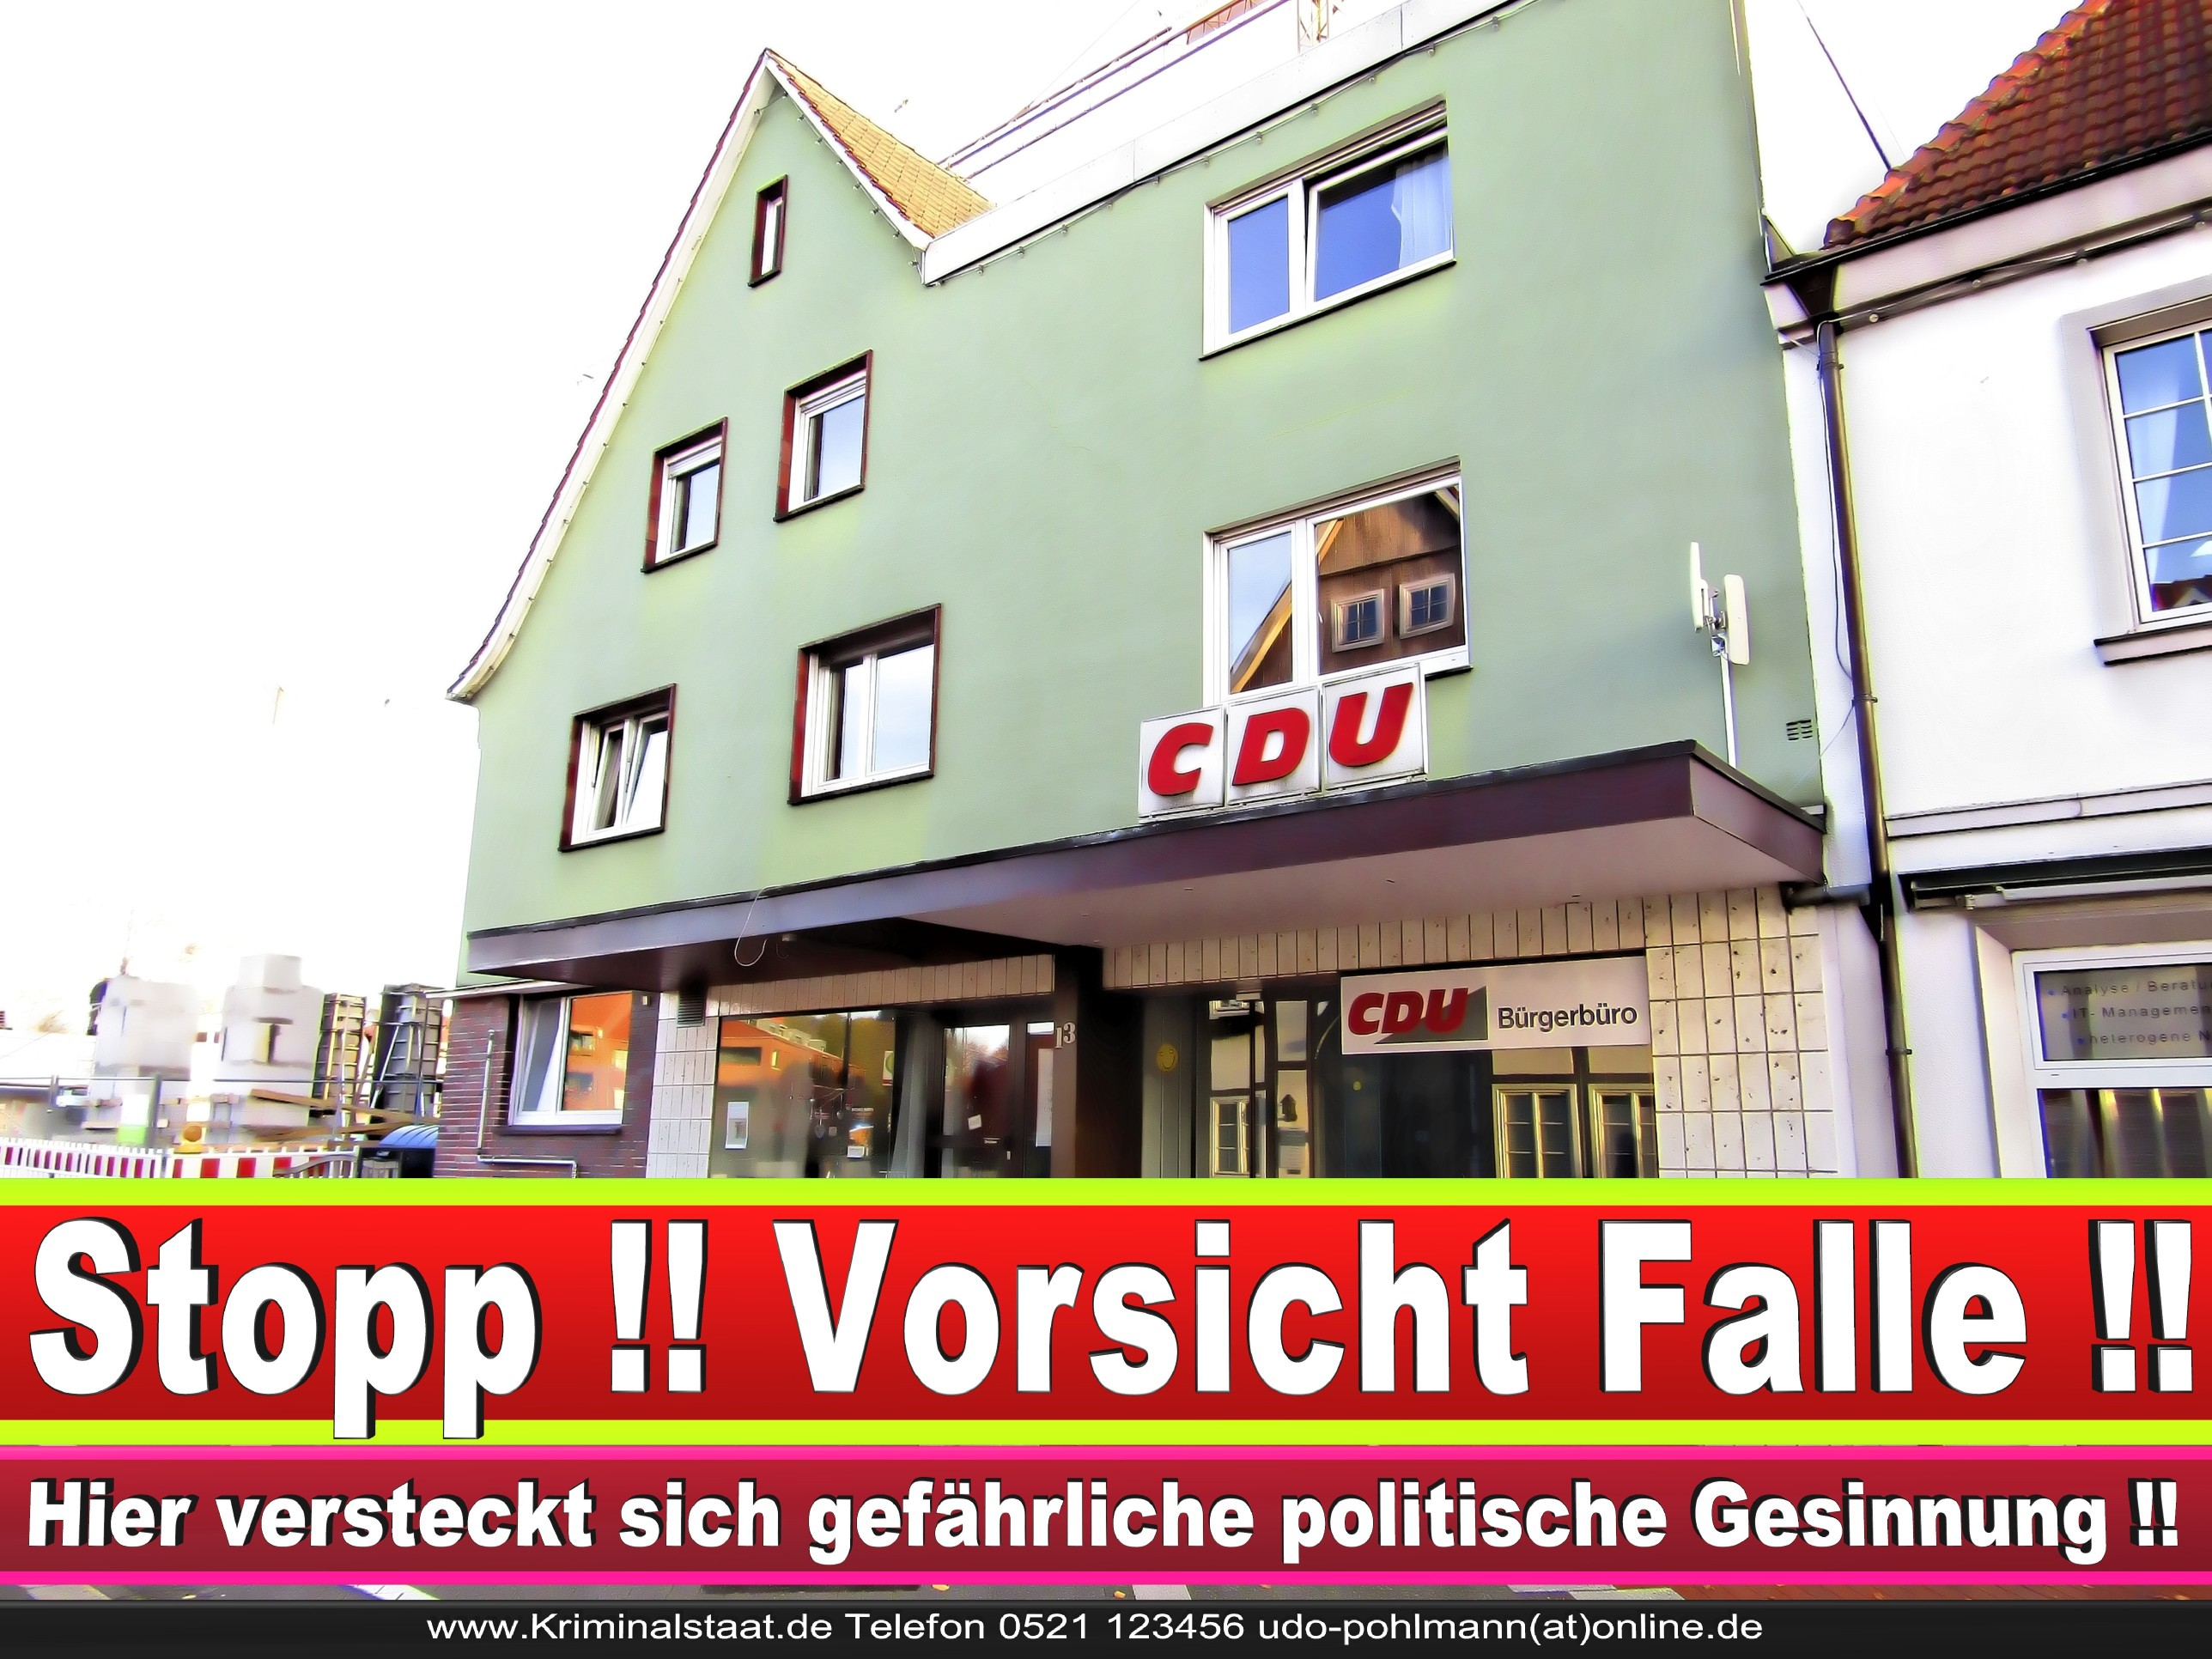 CDU Gemeindeverband Steinhagen Am Markt 13 33803 Steinhagen NRW Ortsverband CDU Steinhagen 14